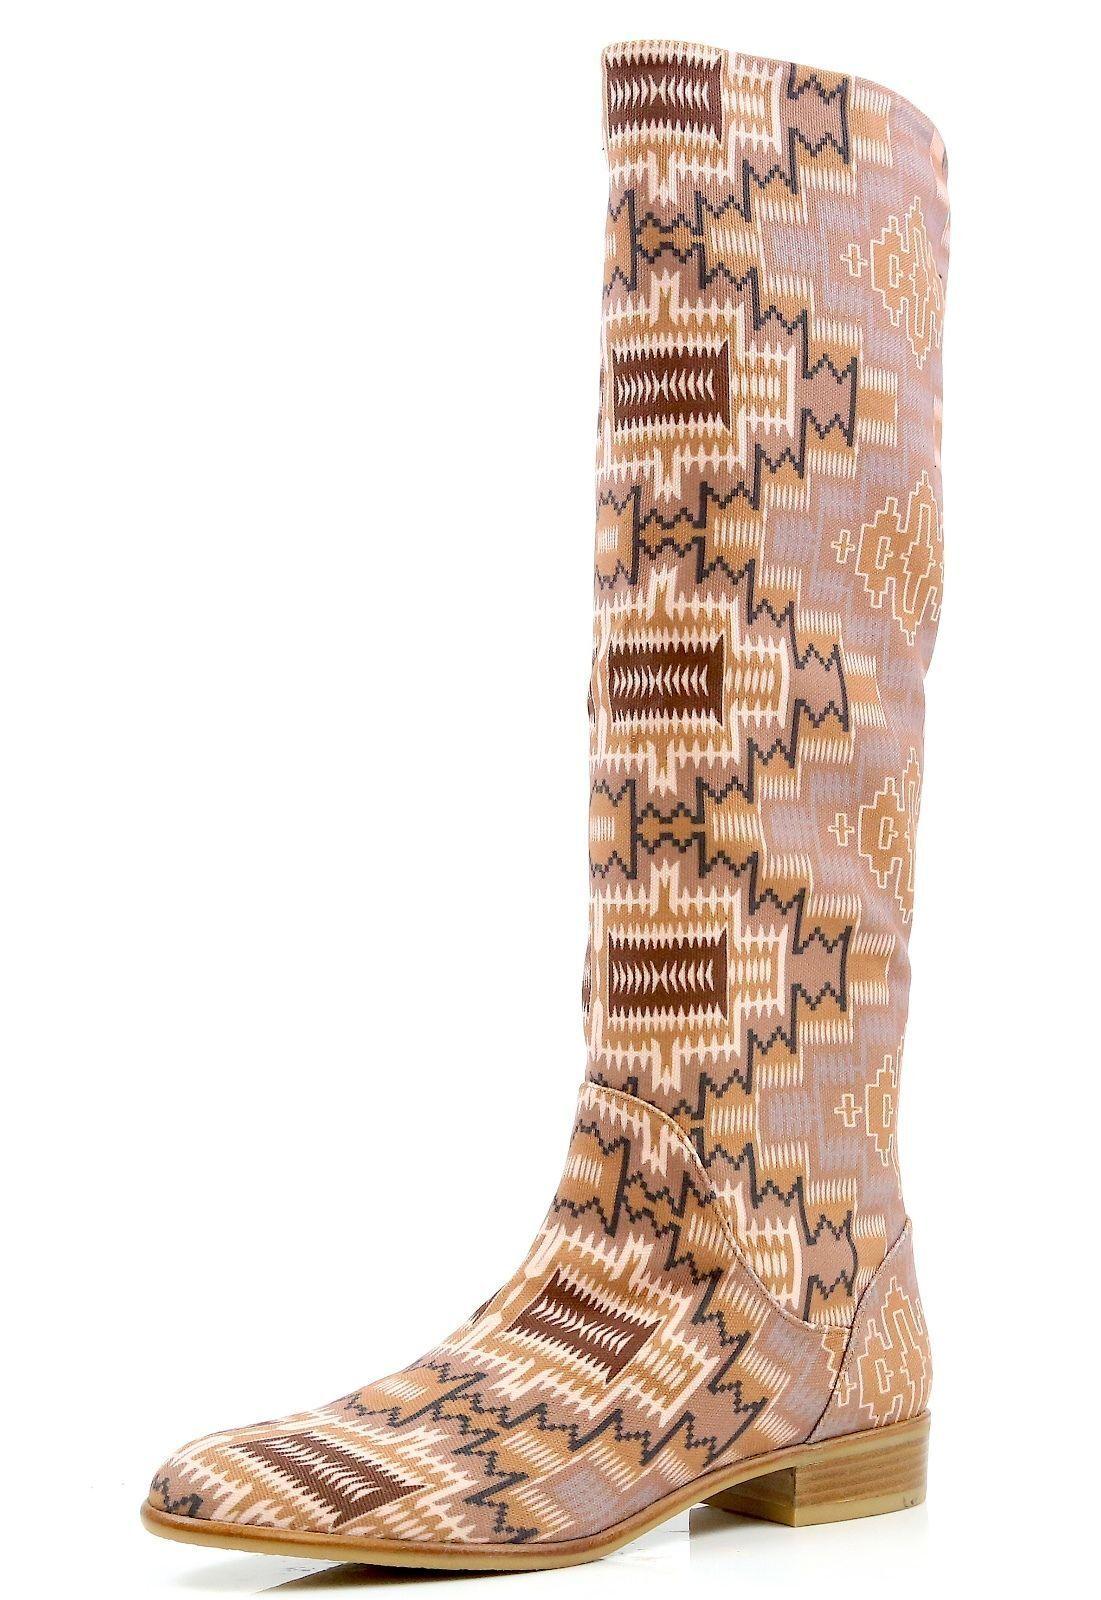 New! Stuart Weitzman 9477 Classique Tan Maya Linen Multi Color Boots Size 8.5 B